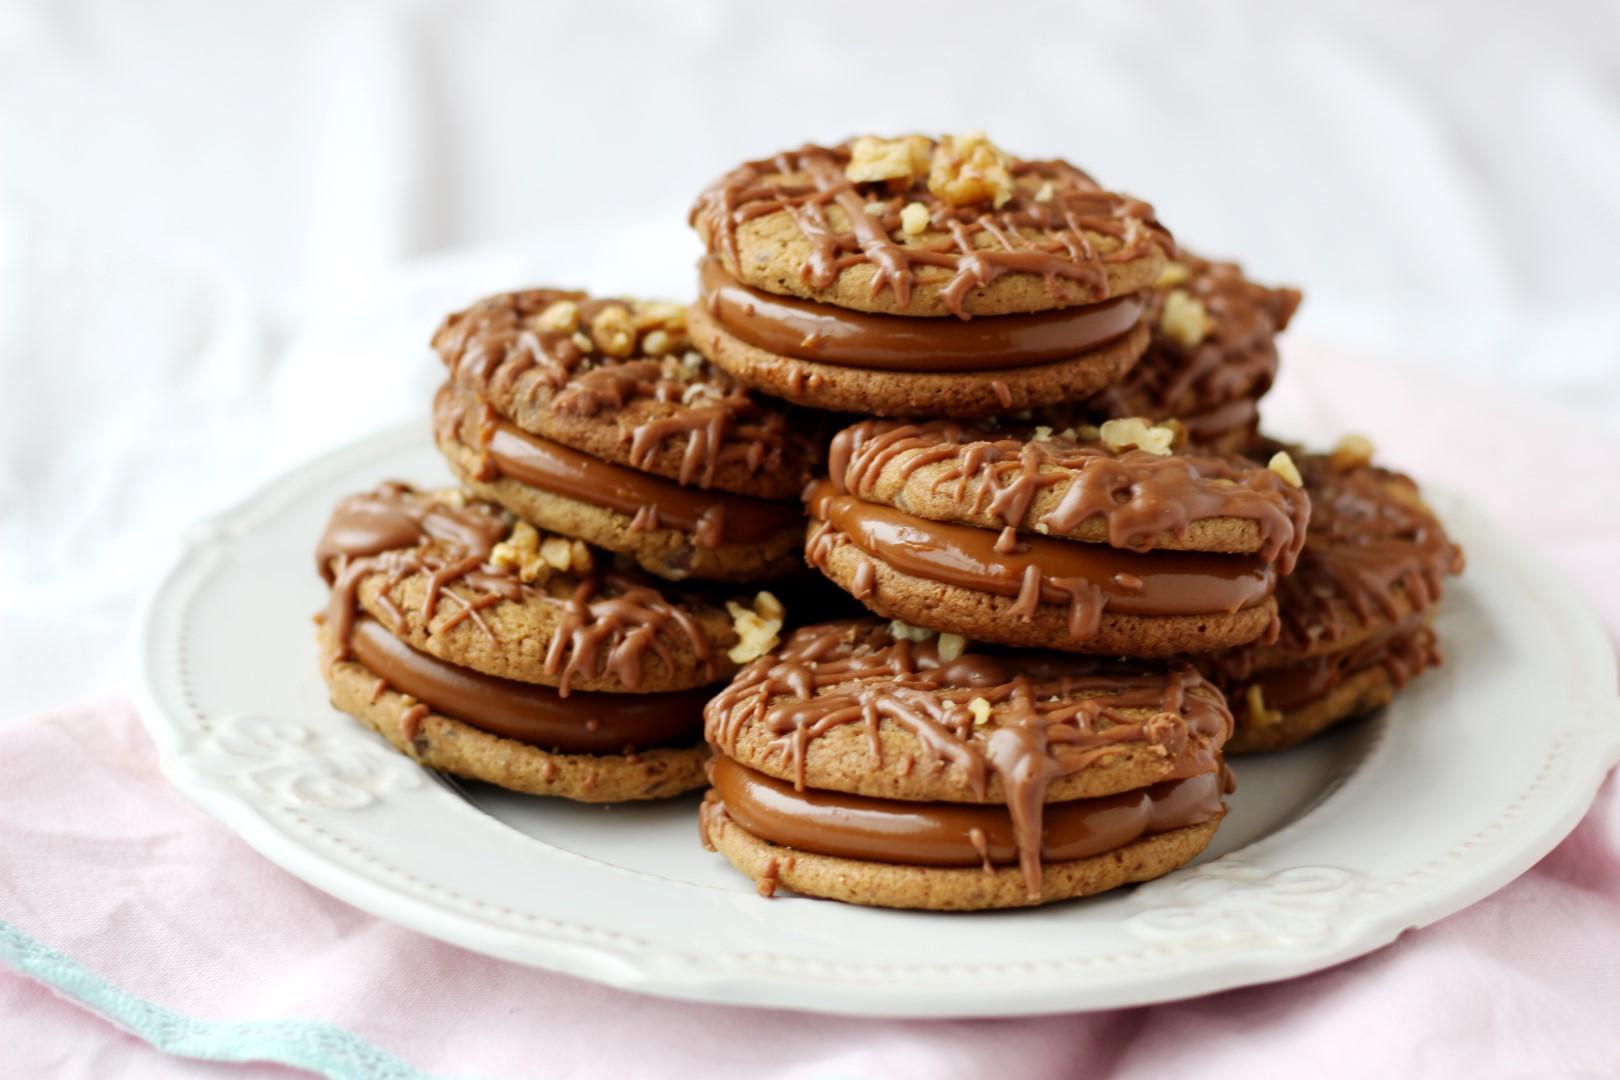 Receta alfajores con galletitas con chispas de chocolate, relleno de dulce de leche y baño fácil